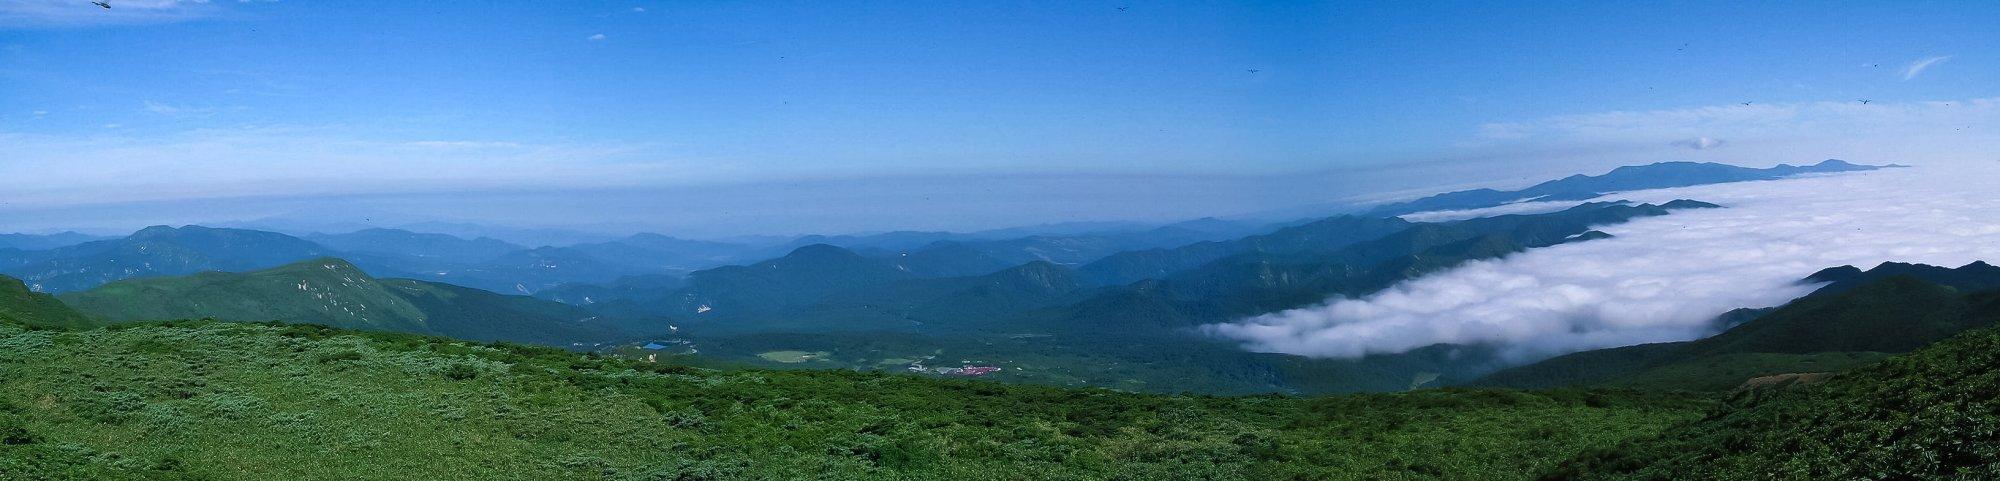 栗駒山山頂のパノラマ_f0044056_6462060.jpg